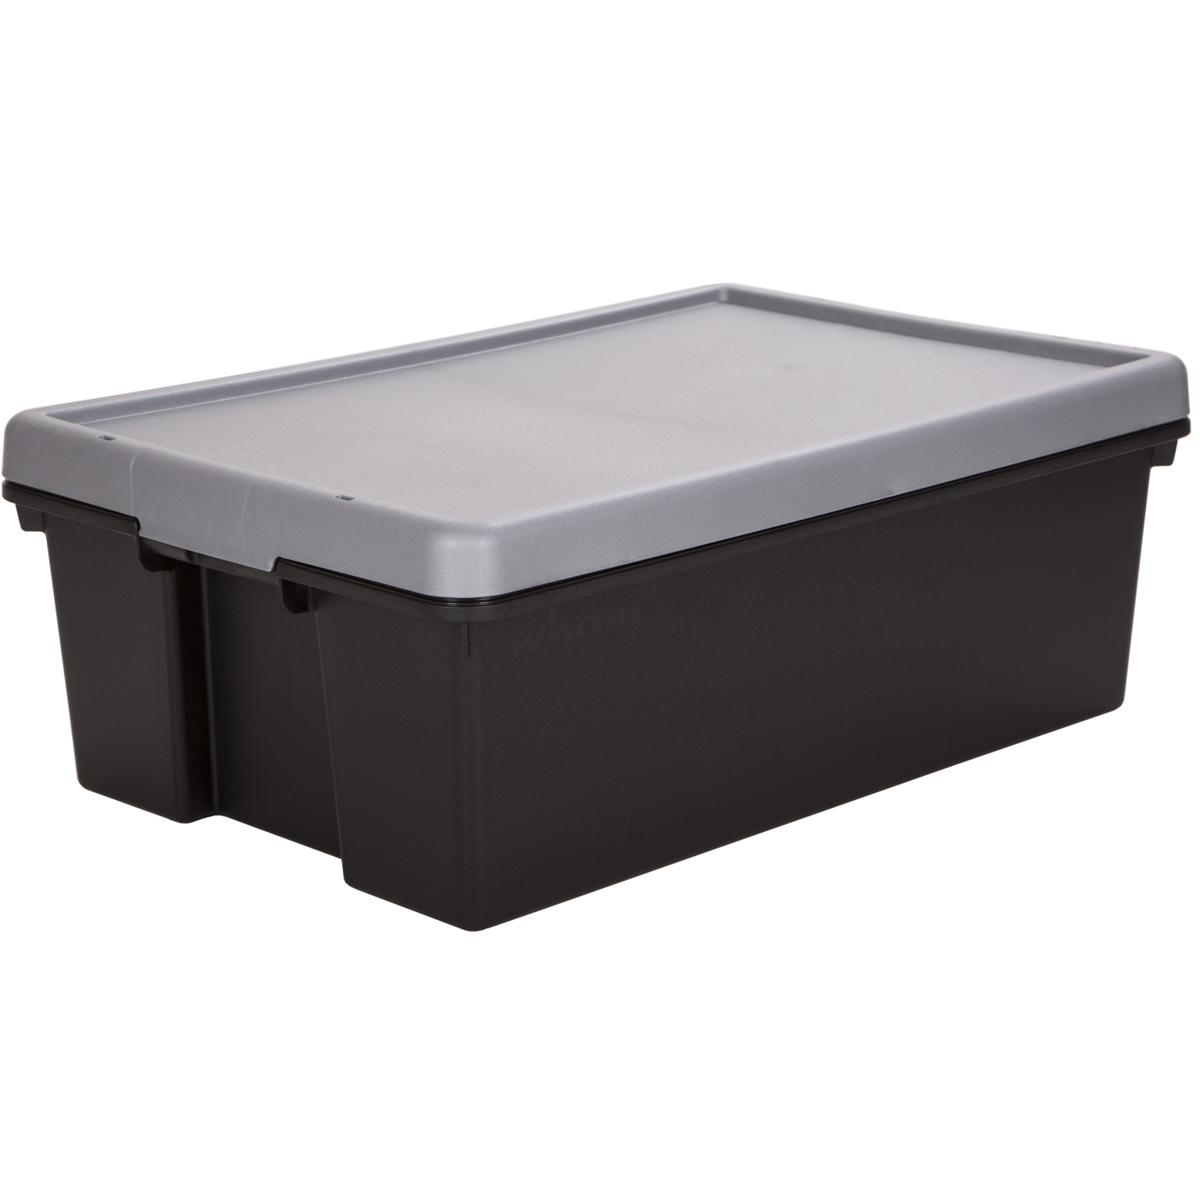 aufbewahrungsbox mit deckel stapelbox aufbewahrungs kiste kunststoff plastik box ebay. Black Bedroom Furniture Sets. Home Design Ideas